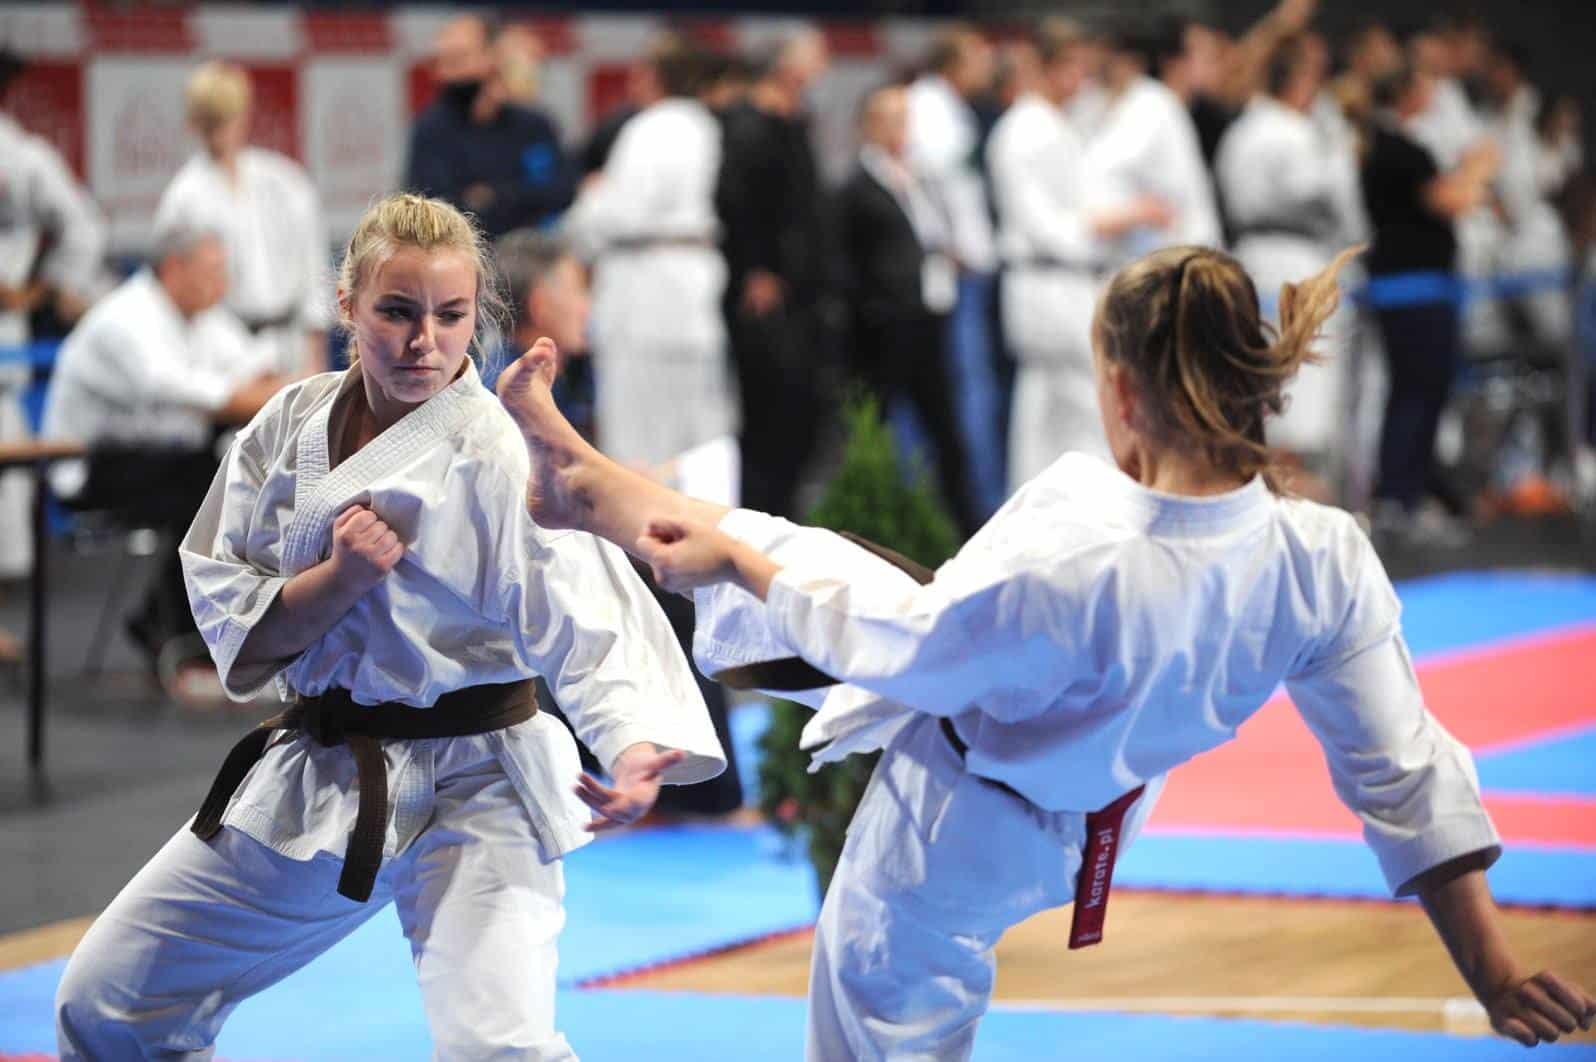 - Najważniejszy oczywiście jest rozwój sportowy, ale ten pedagogiczny jest teraz szczególnie mocno podkreślany. - mówi sensei Rafał Wajda. Źrodło: Krakowski Klub Karate Tradycyjnego.